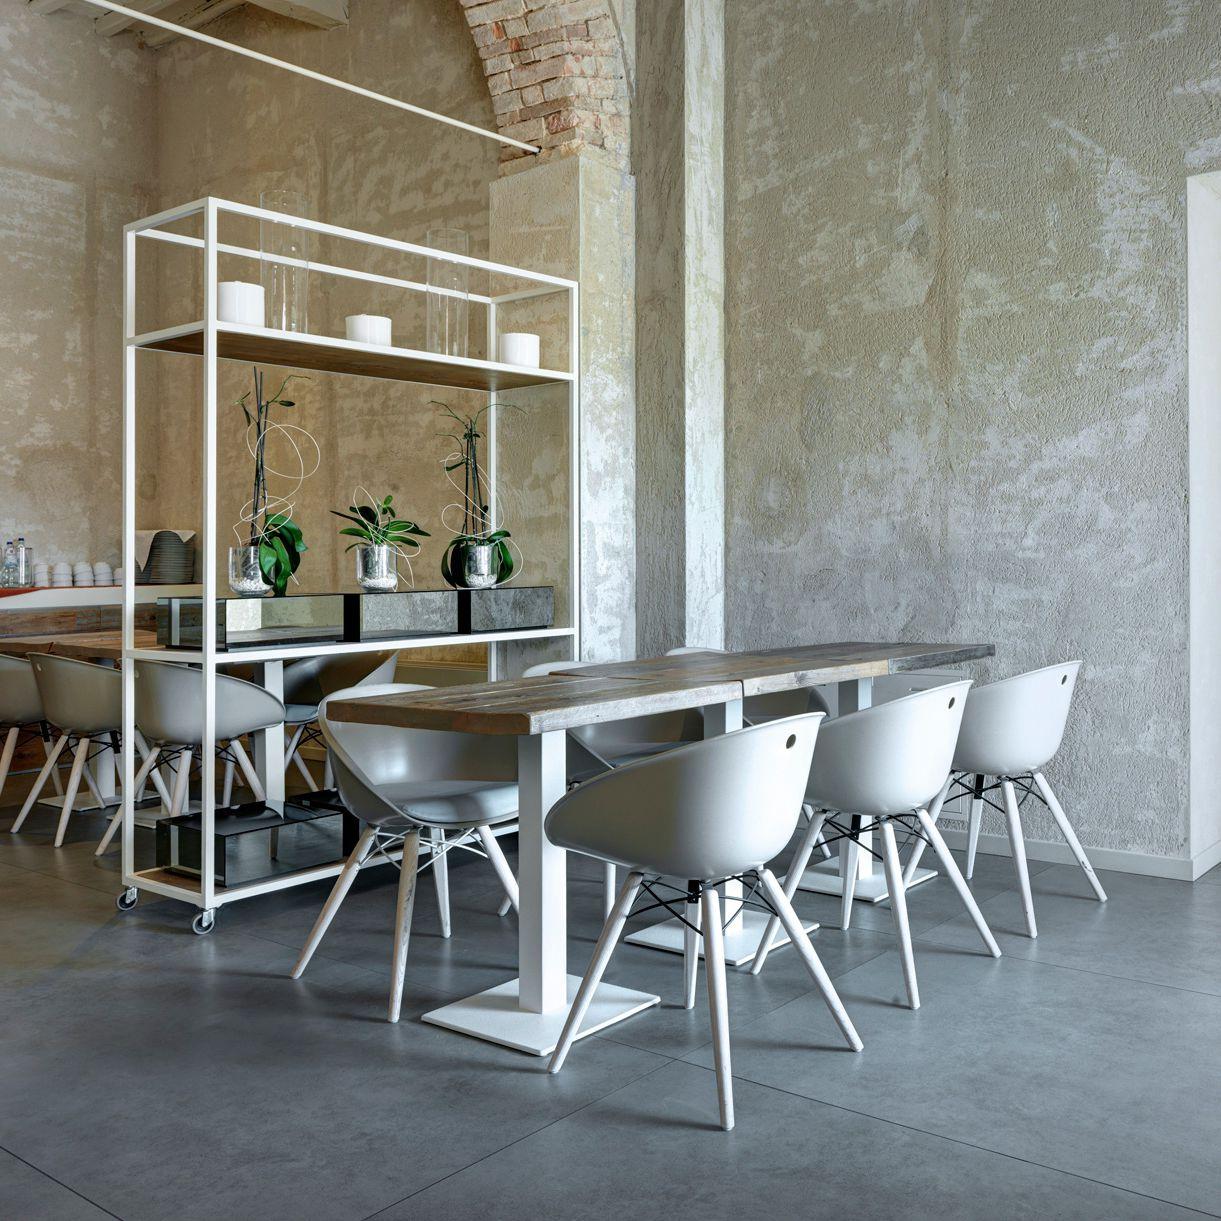 Ceramic flooring / tertiary / tile / concrete look - ARCHITECTURAL ...